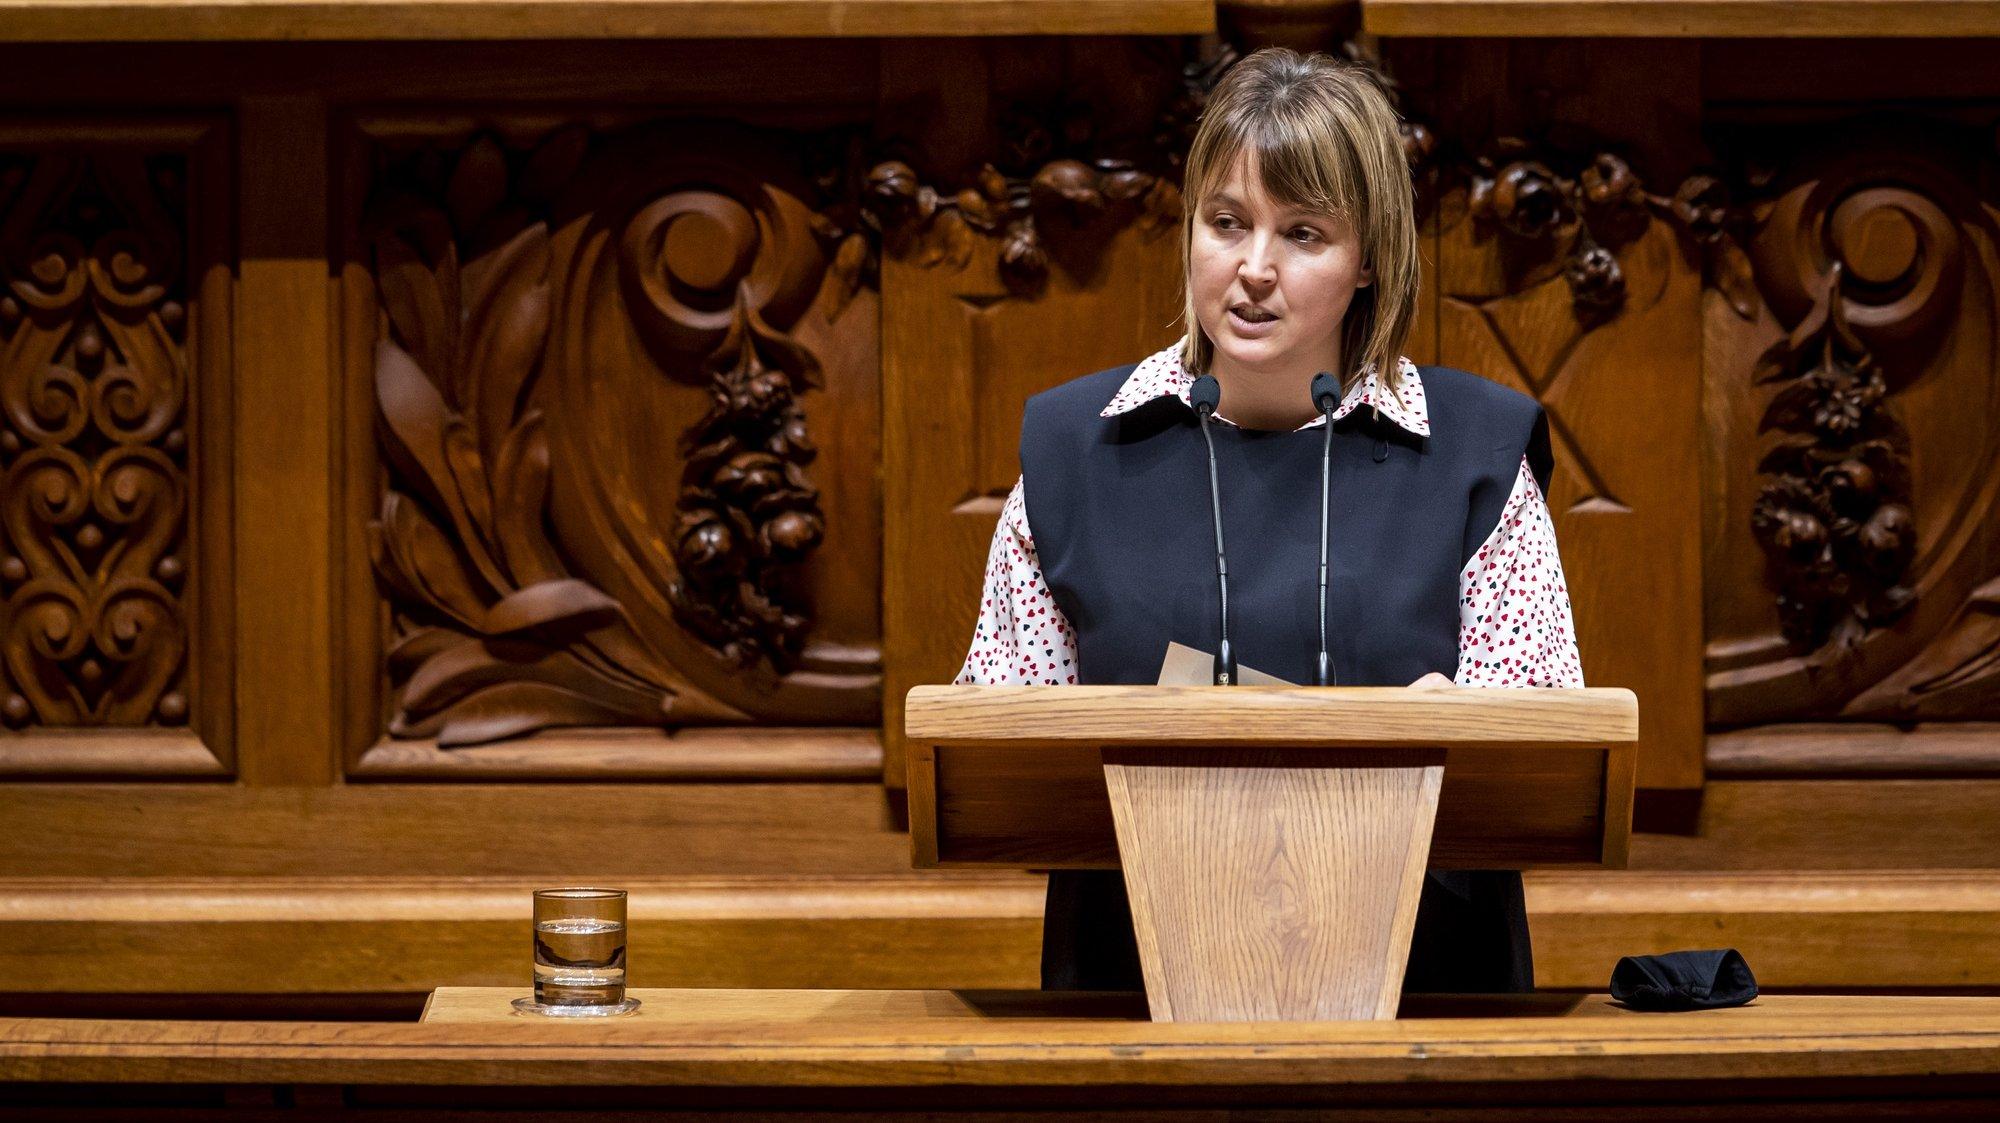 """A deputada do Partido Ecologista """"Os Verdes"""", Mariana Silva,   usa da palavra durante o debate sobre o pedido de renovação do estado de emergência, na Assembleia da República, em Lisboa, 11 de fevereiro de  2021. JOSÉ SENA GOULÃO/LUSA"""